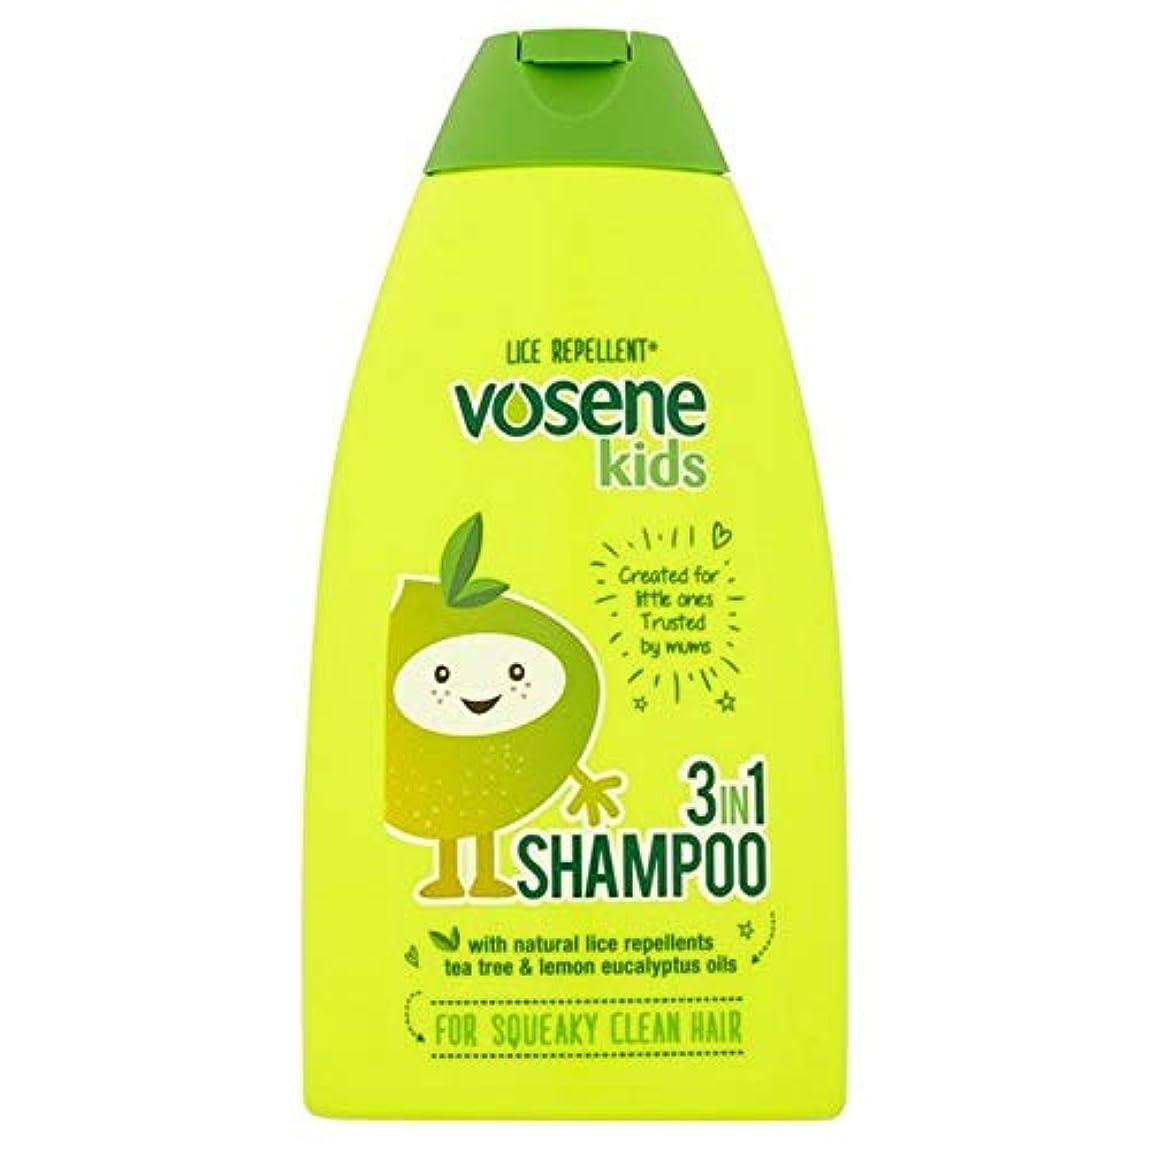 部族無数の装備する[Vosene] 1つのコンディショニングシャンプー250ミリリットルでVosene子供3 - Vosene Kids 3 in 1 Conditioning Shampoo 250ml [並行輸入品]